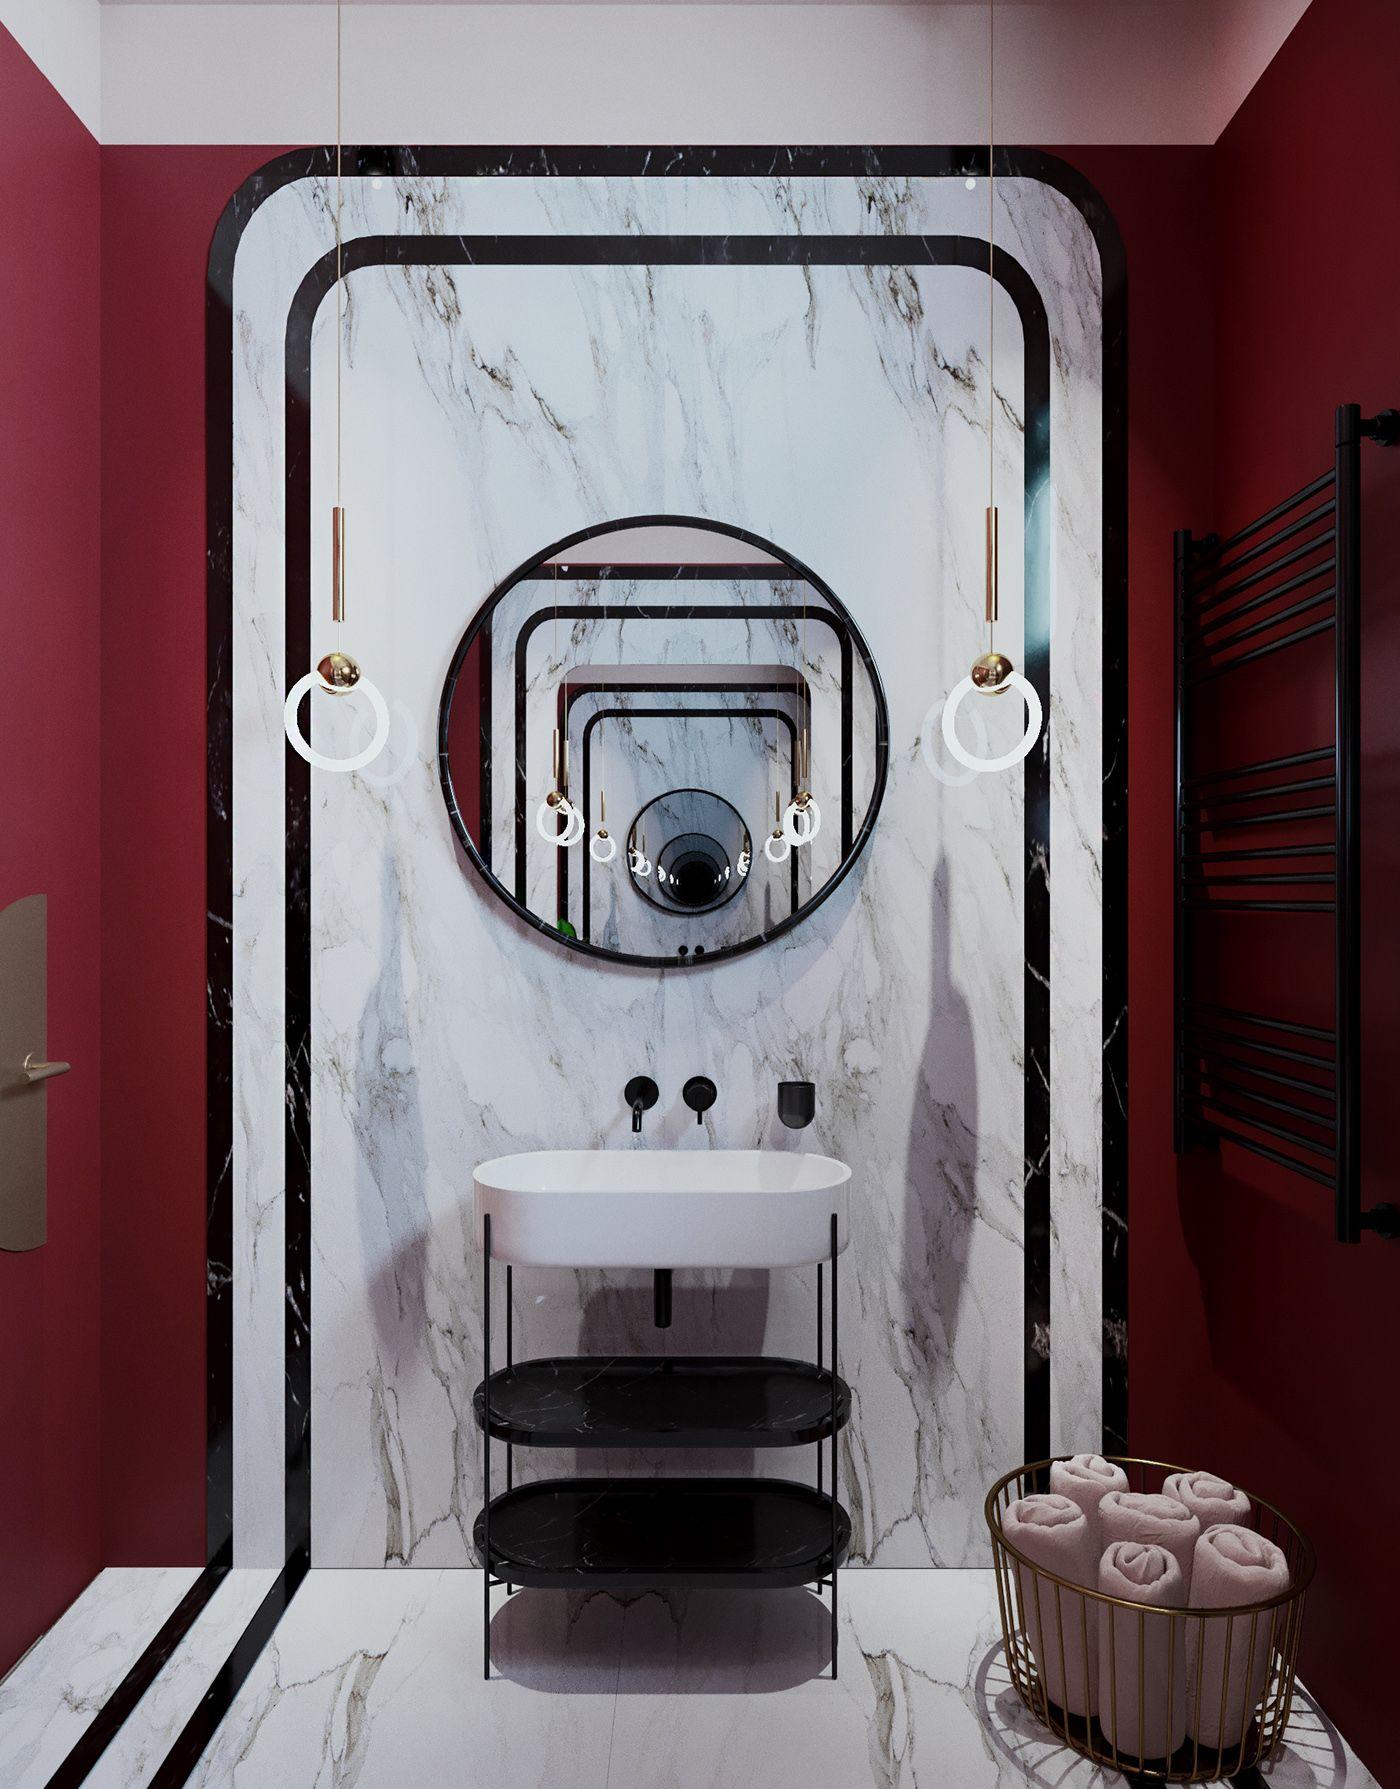 Pin By Joyking Chan On Smolnyi Bathroom Design Bathroom Design Luxury Bathroom Red